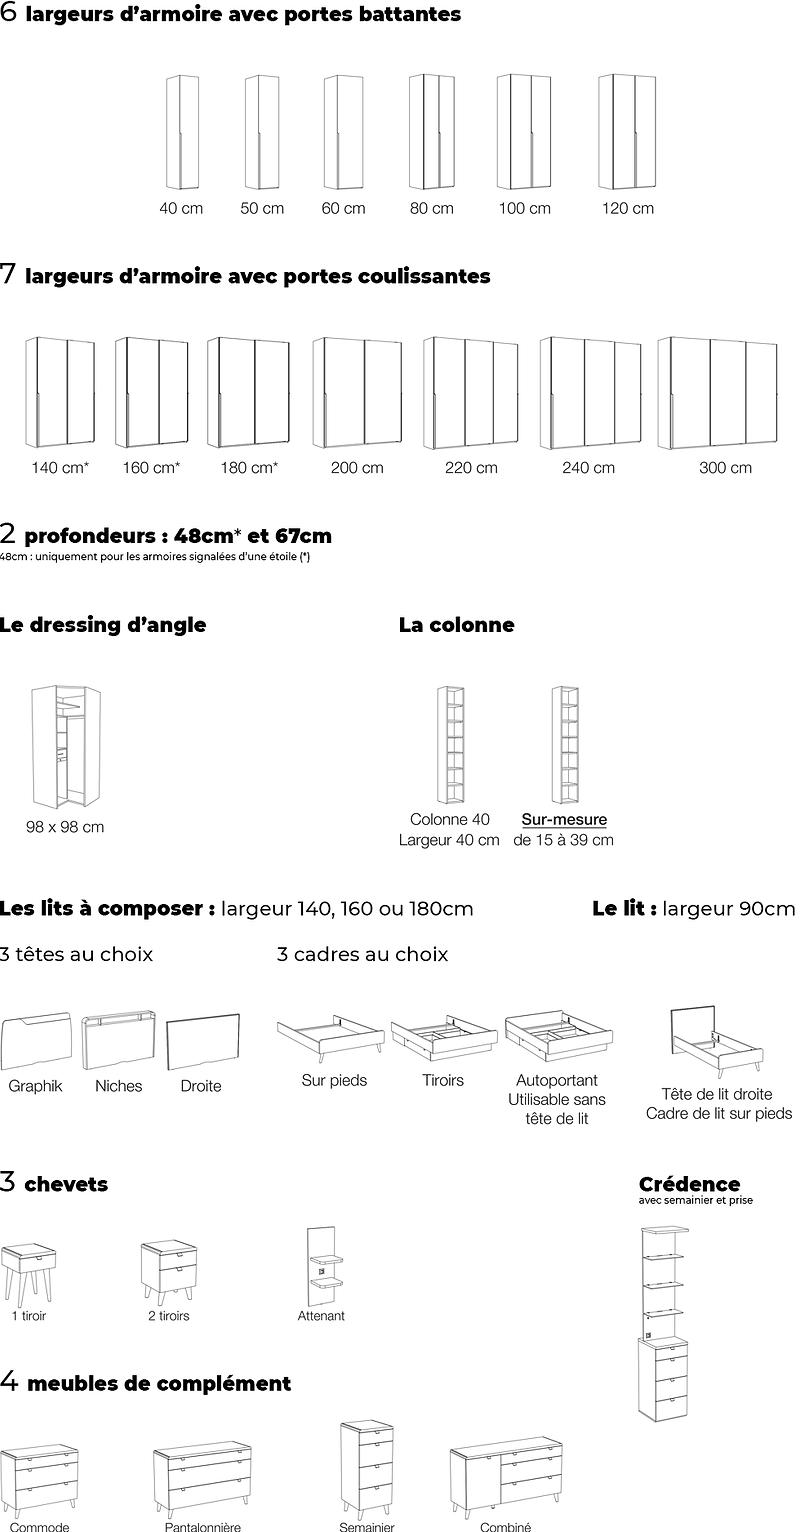 BLOOM-LA-MEUBLERIE-IMG.png